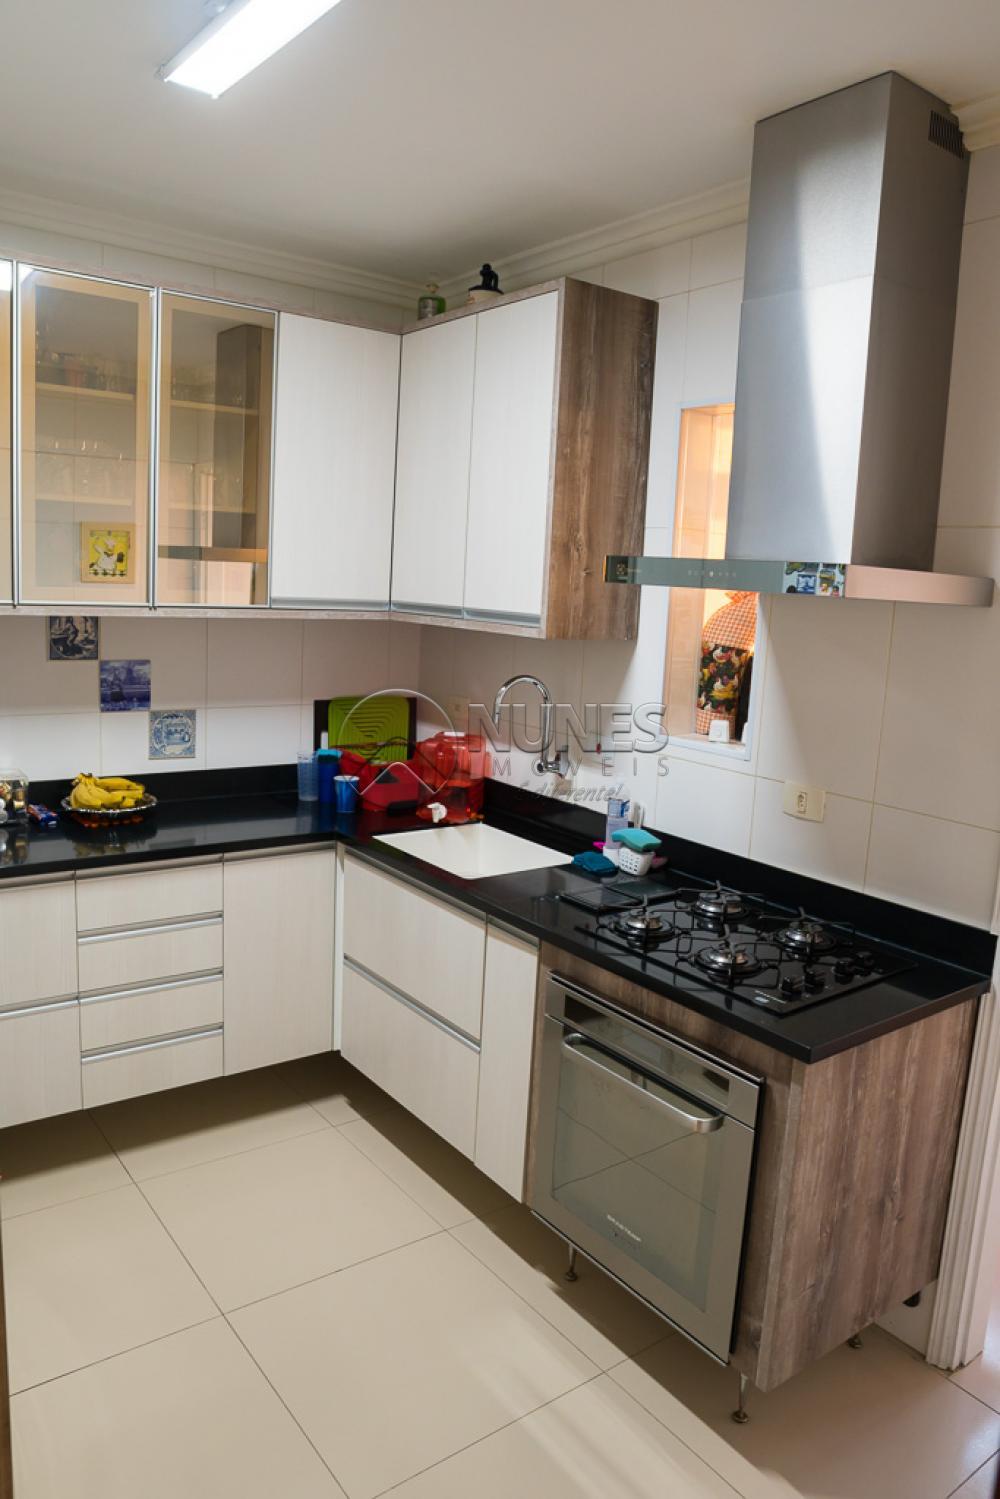 Comprar Apartamento / Padrão em Osasco apenas R$ 550.000,00 - Foto 3